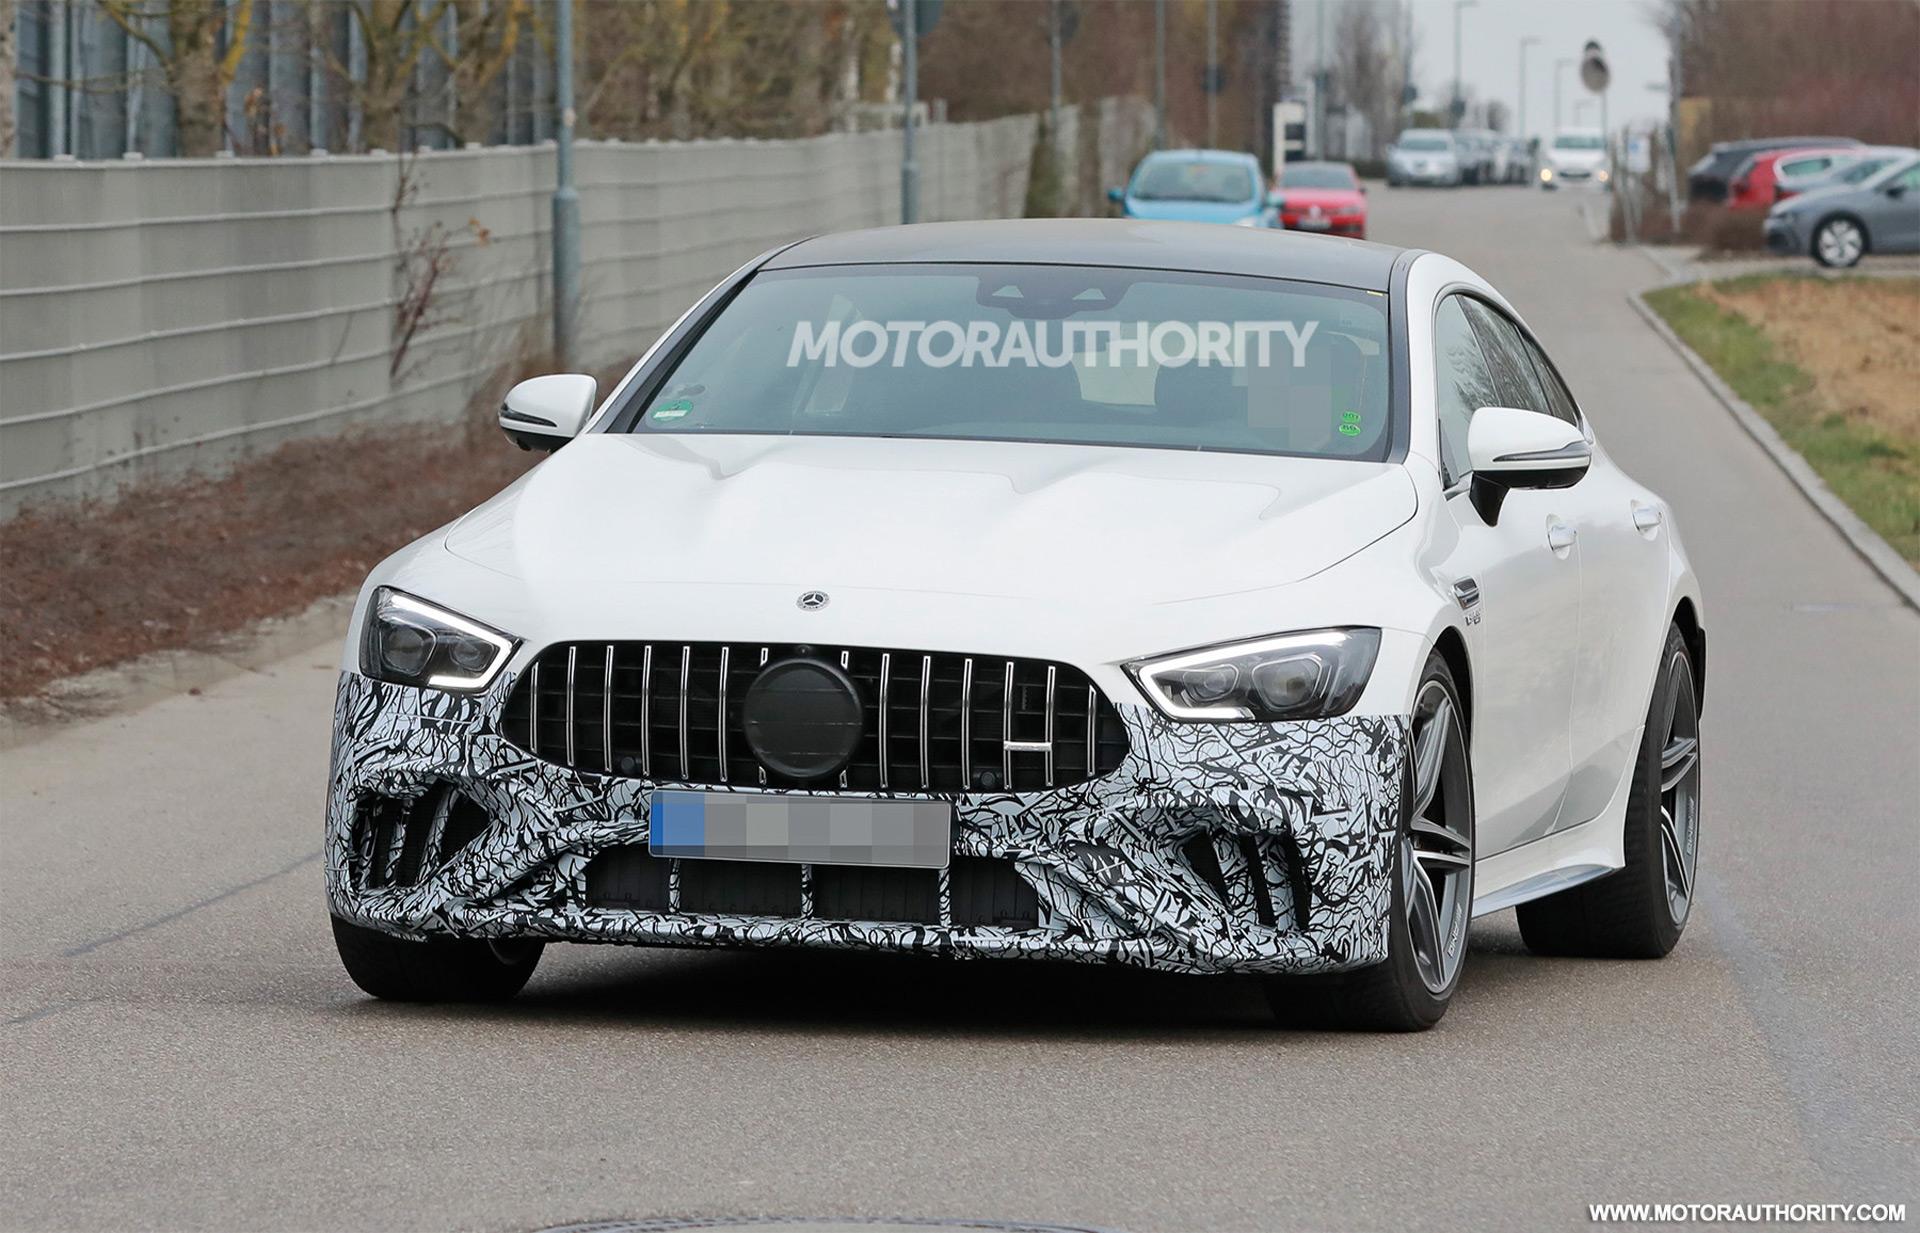 2022 Mercedes-Benz AMG GT 4-Door Coupe spy shots: Mild update for super sedan